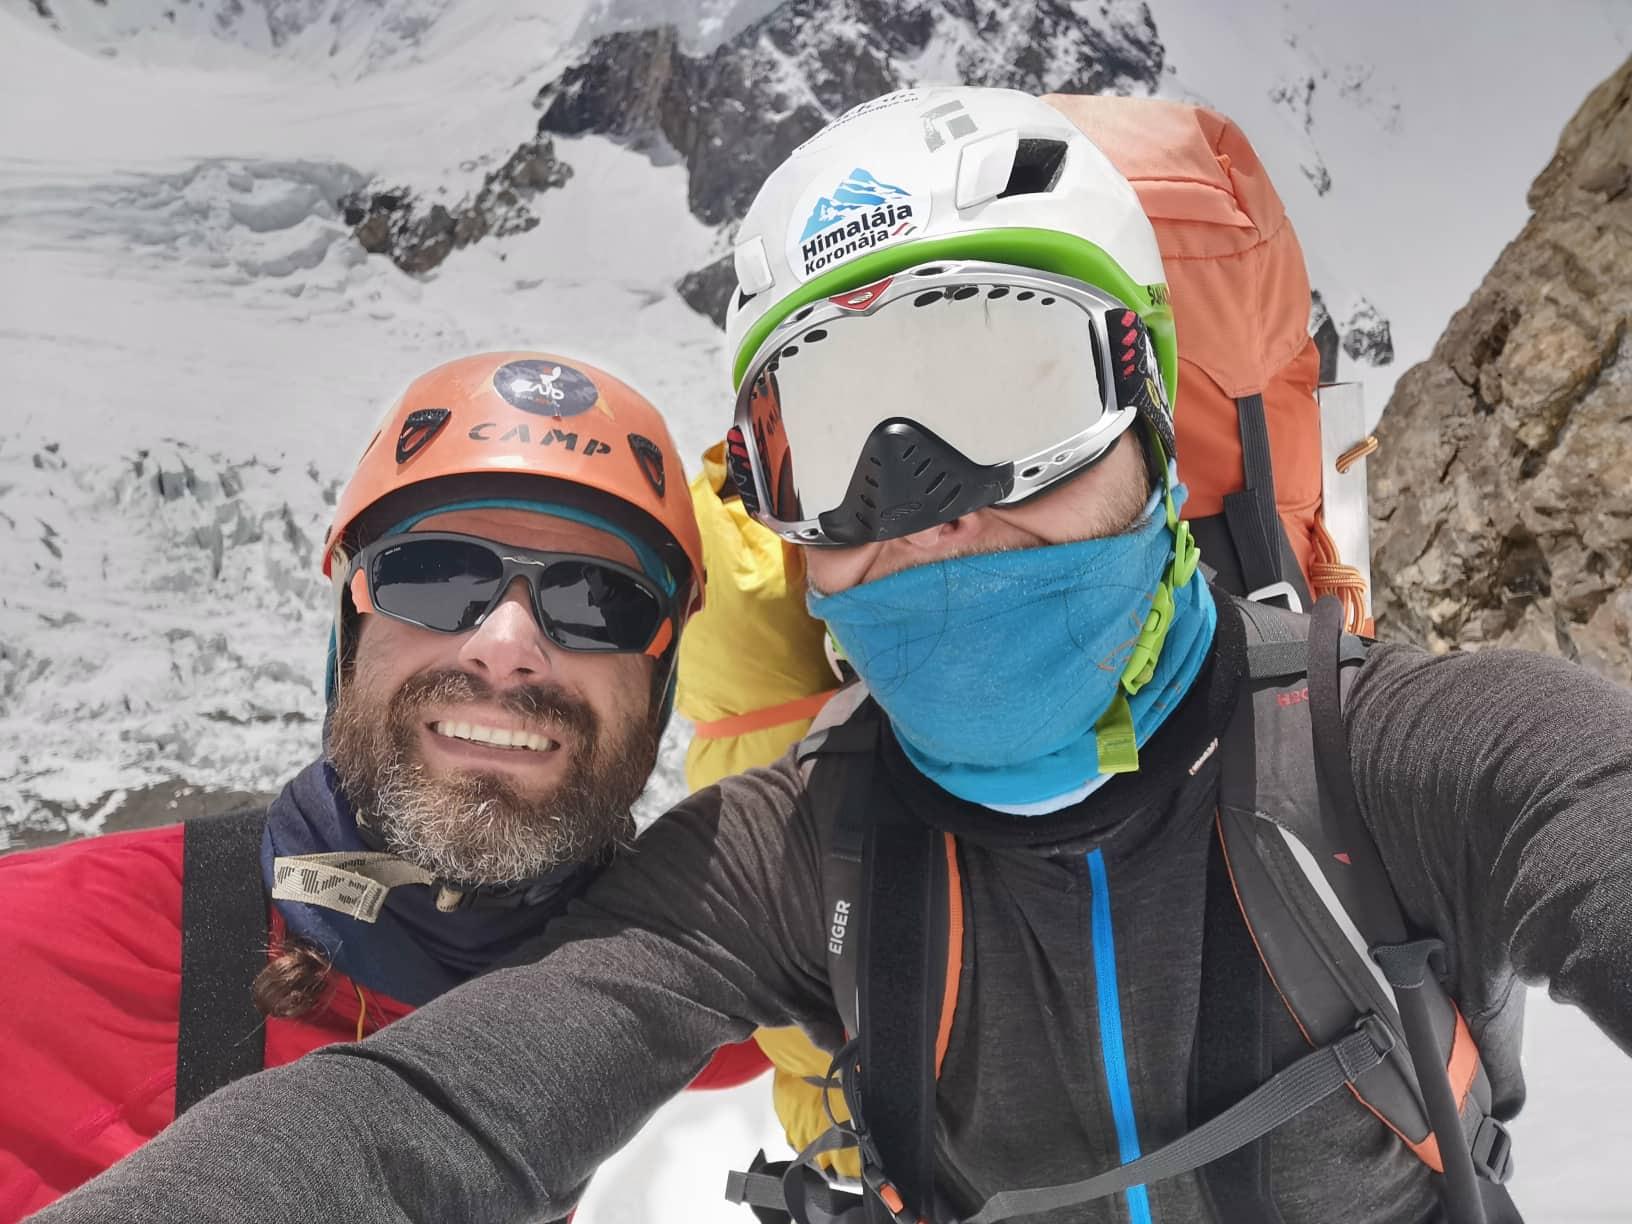 Klein Dávid és Suhajda Szilárd Forrás: Magyar K2 expedíció 2019